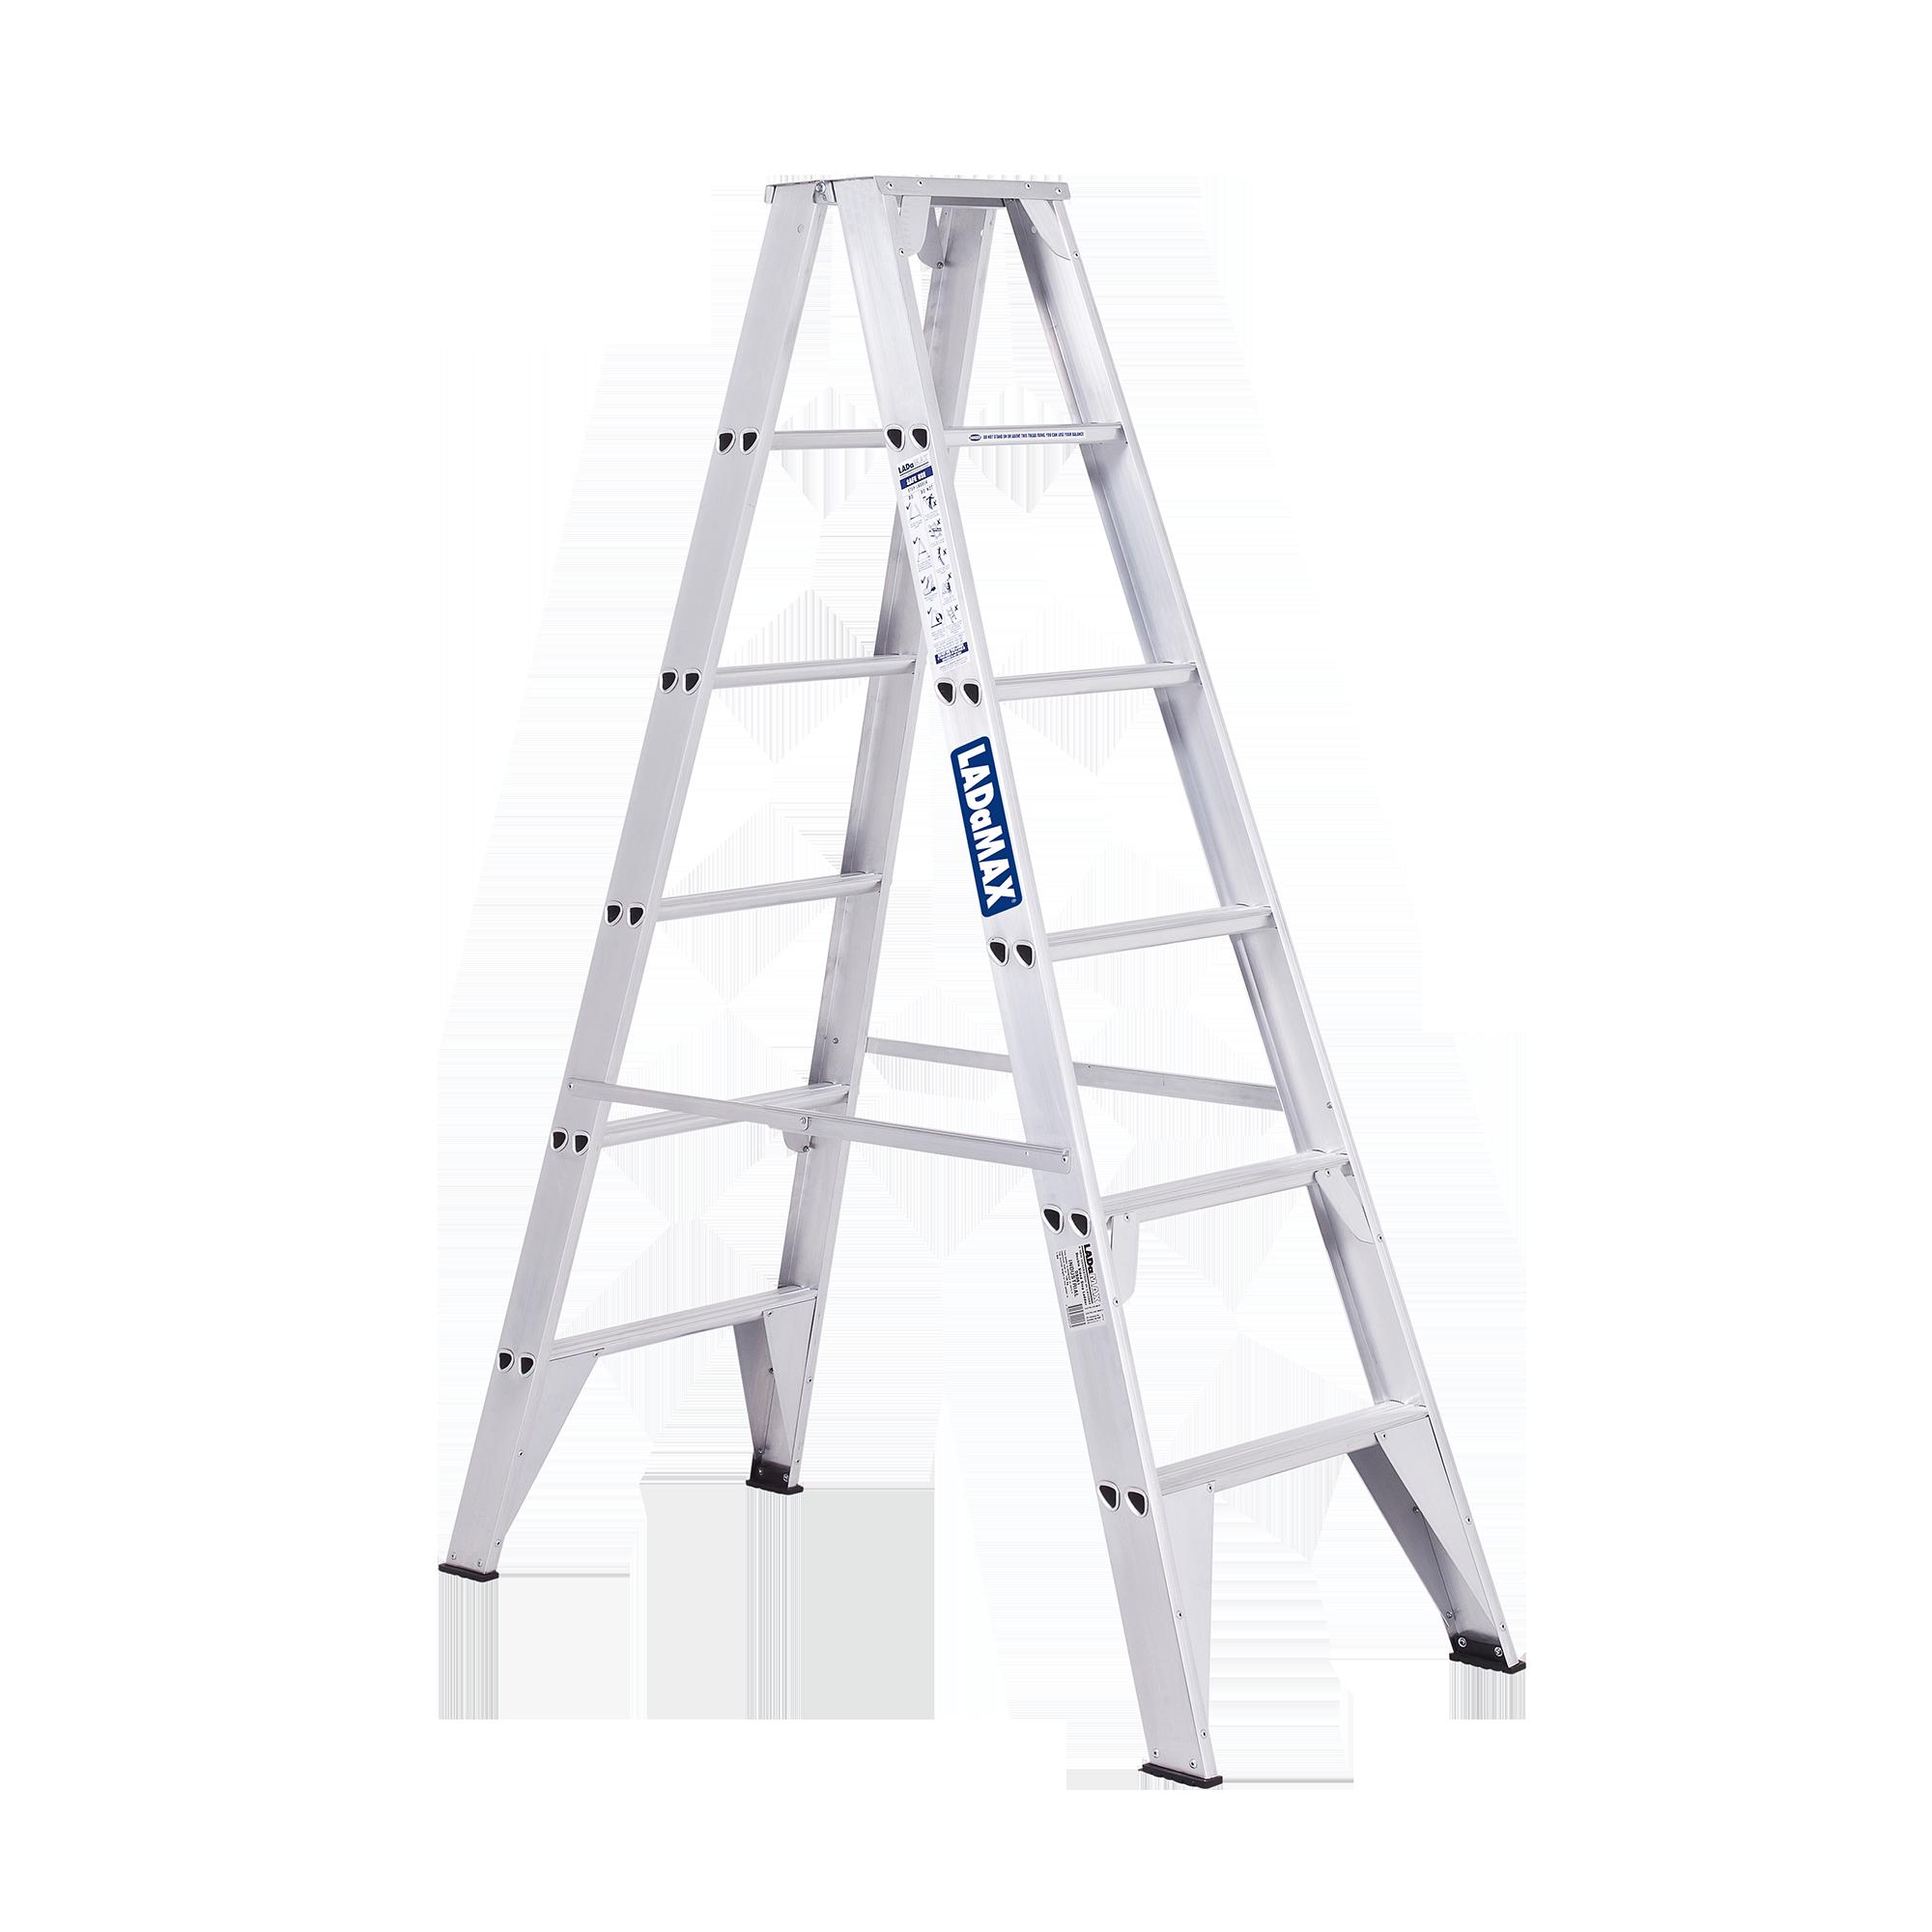 graphic free Ladder transparent double sided. Aluminium step ladamax australia